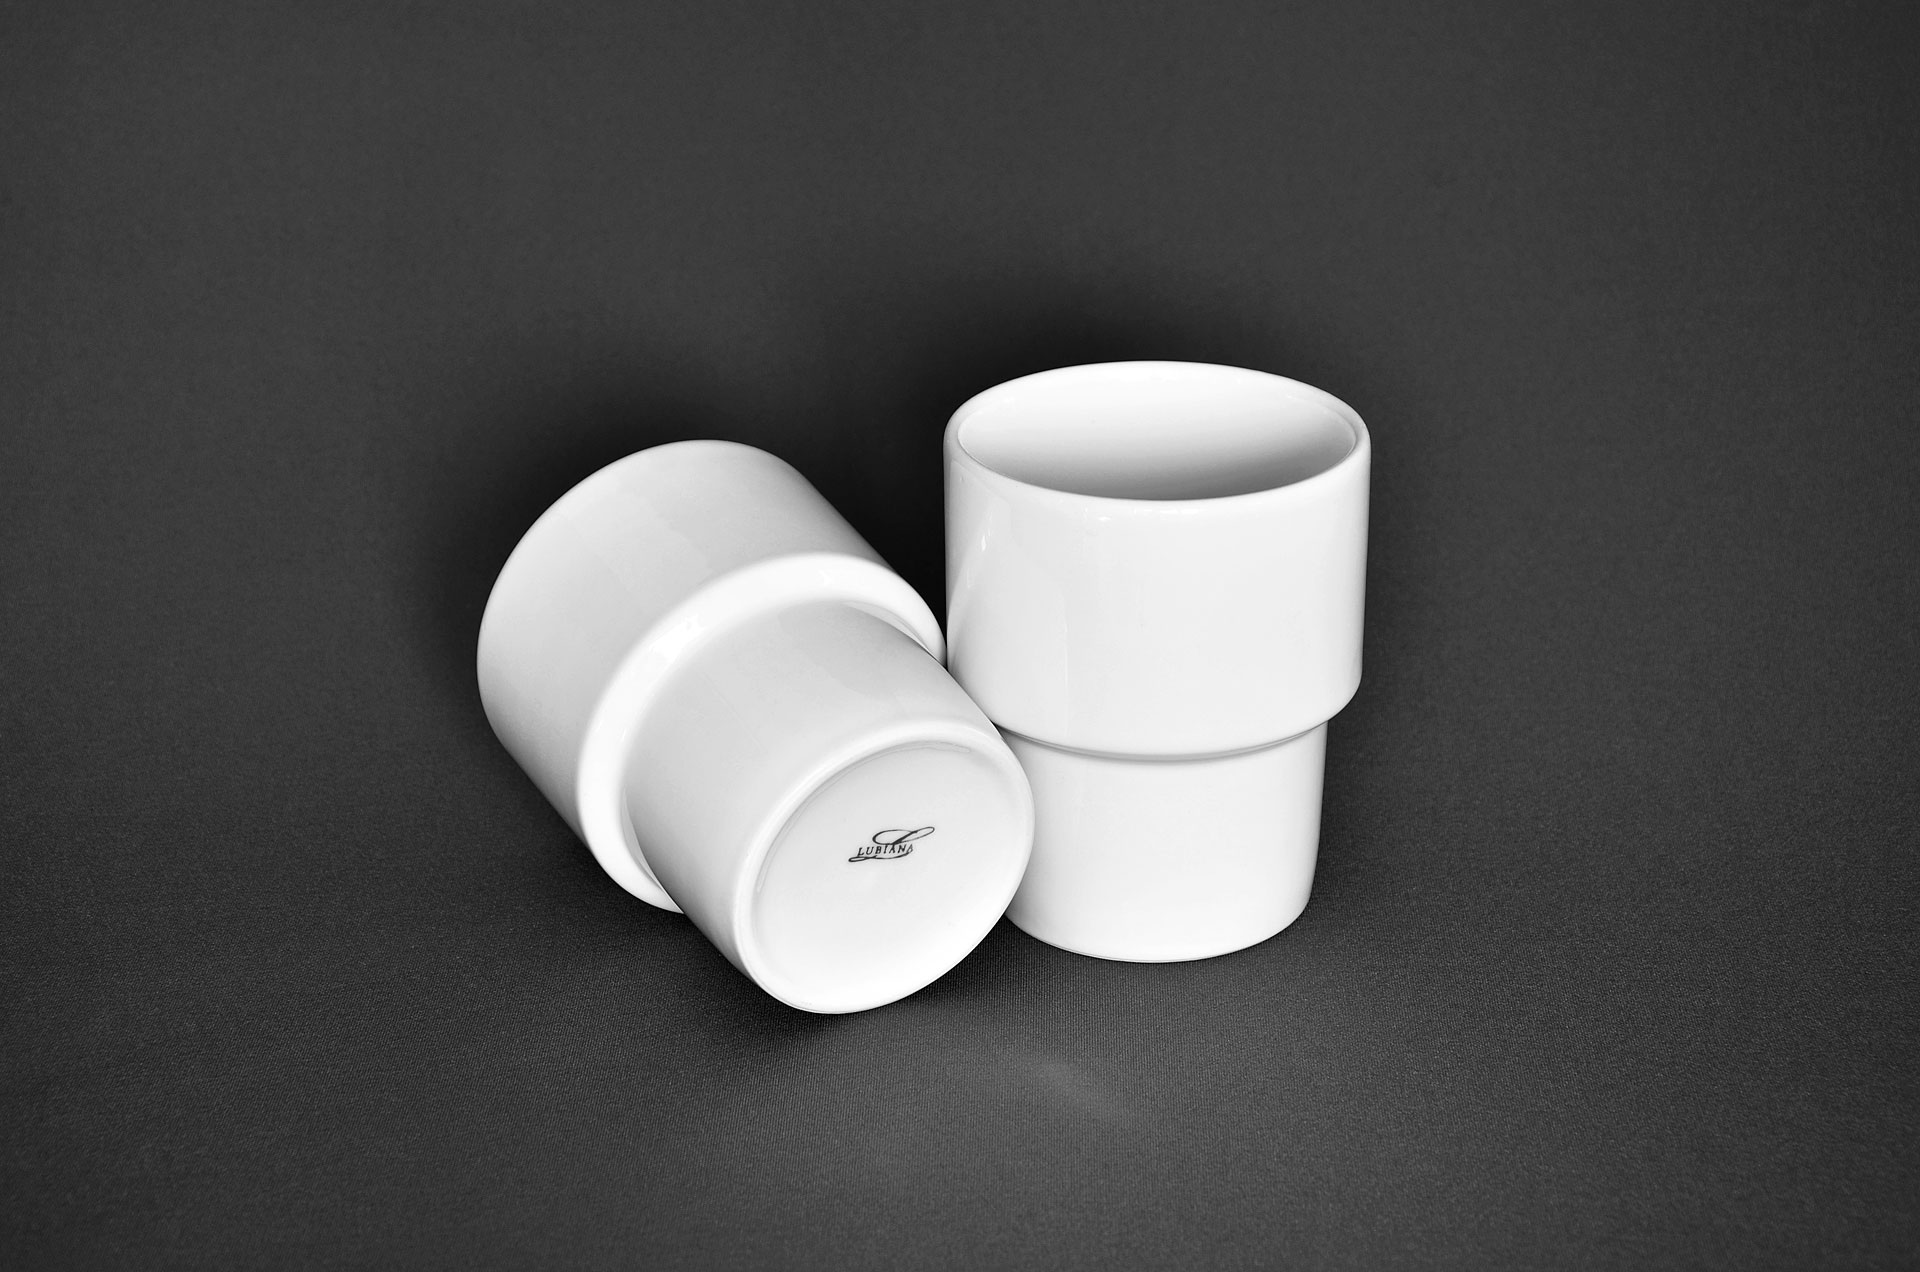 Objekt und Produkt Fotograf